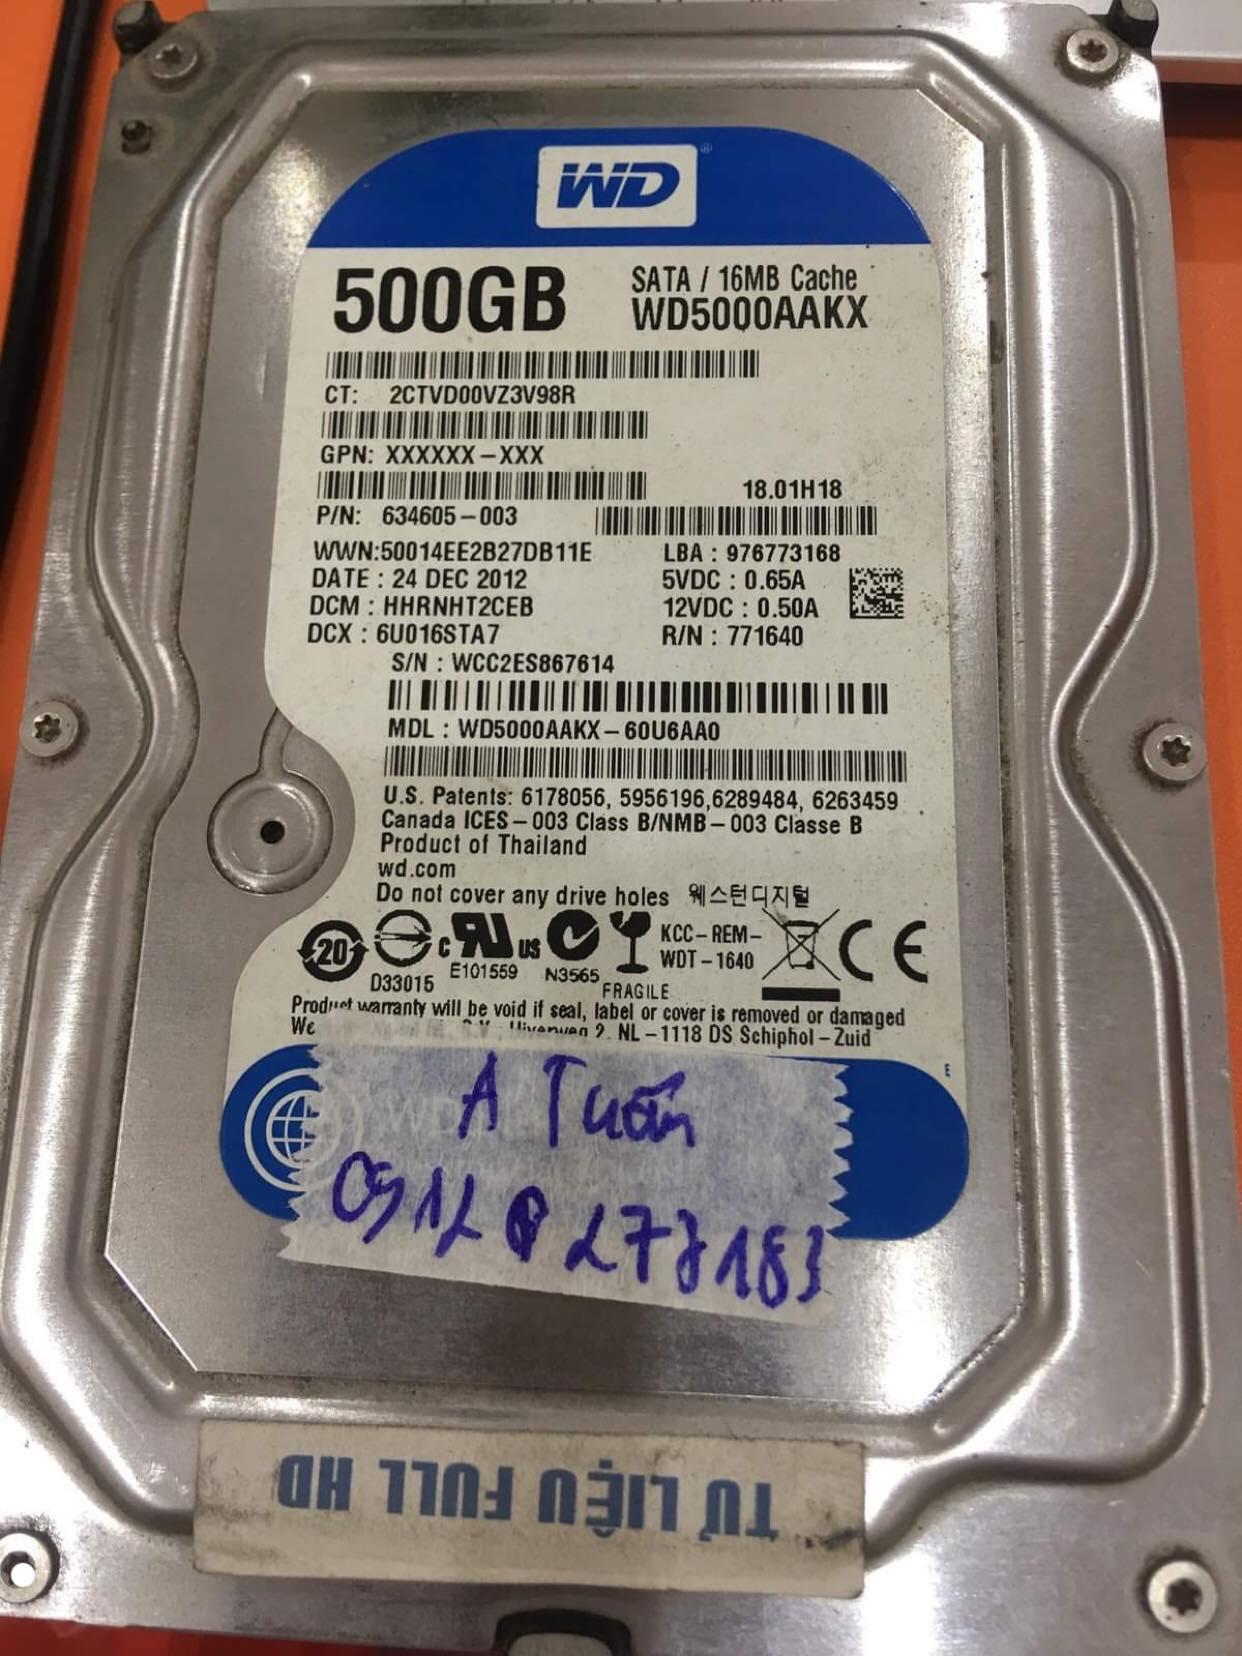 Khôi phục dữ liệu ổ cứng Western 500GB không nhận 10/12/2019 - cuumaytinh